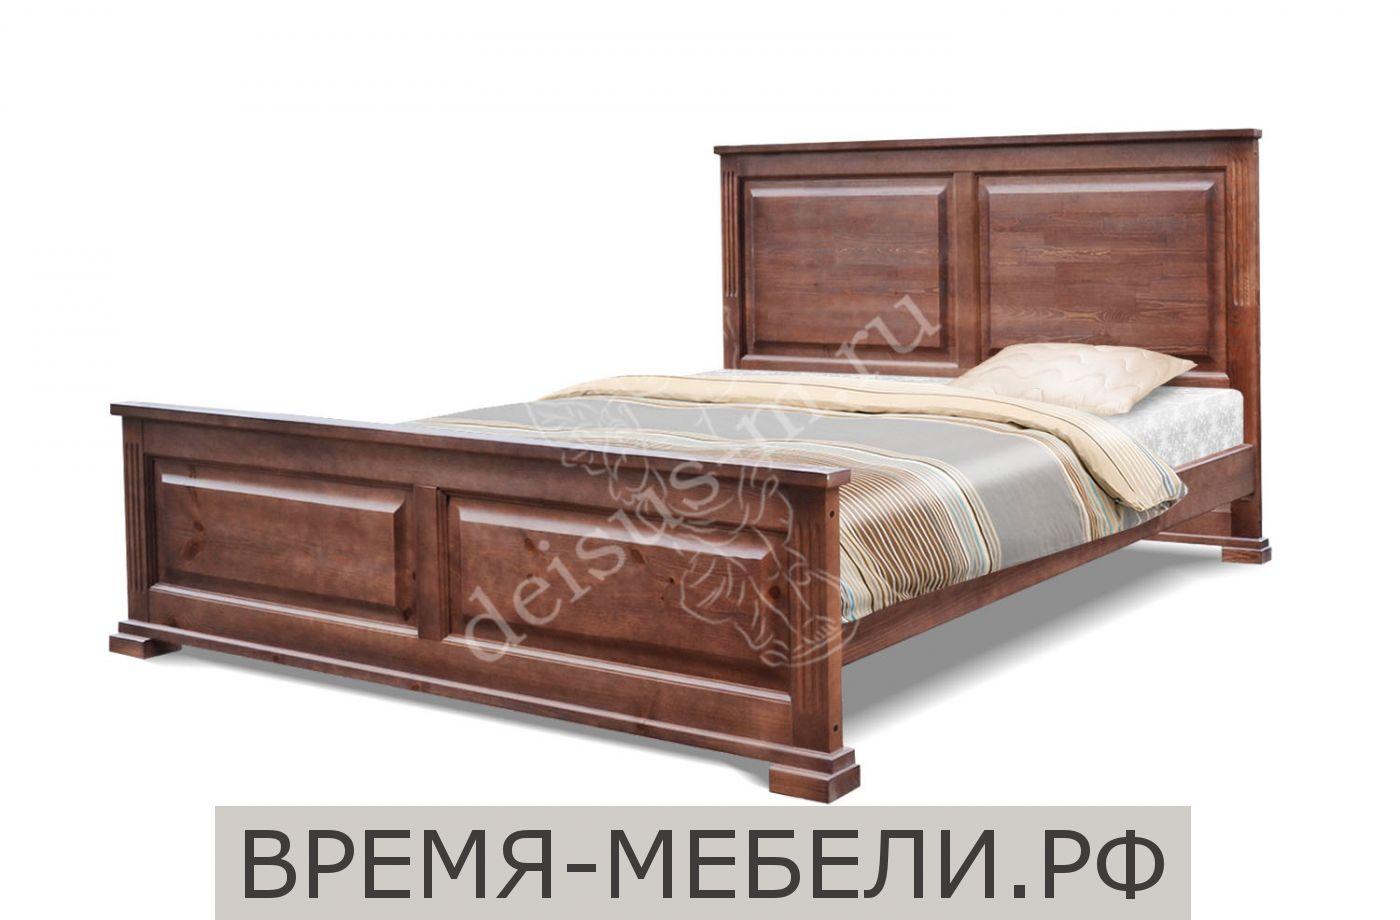 Кровать Грация-М без резьбы